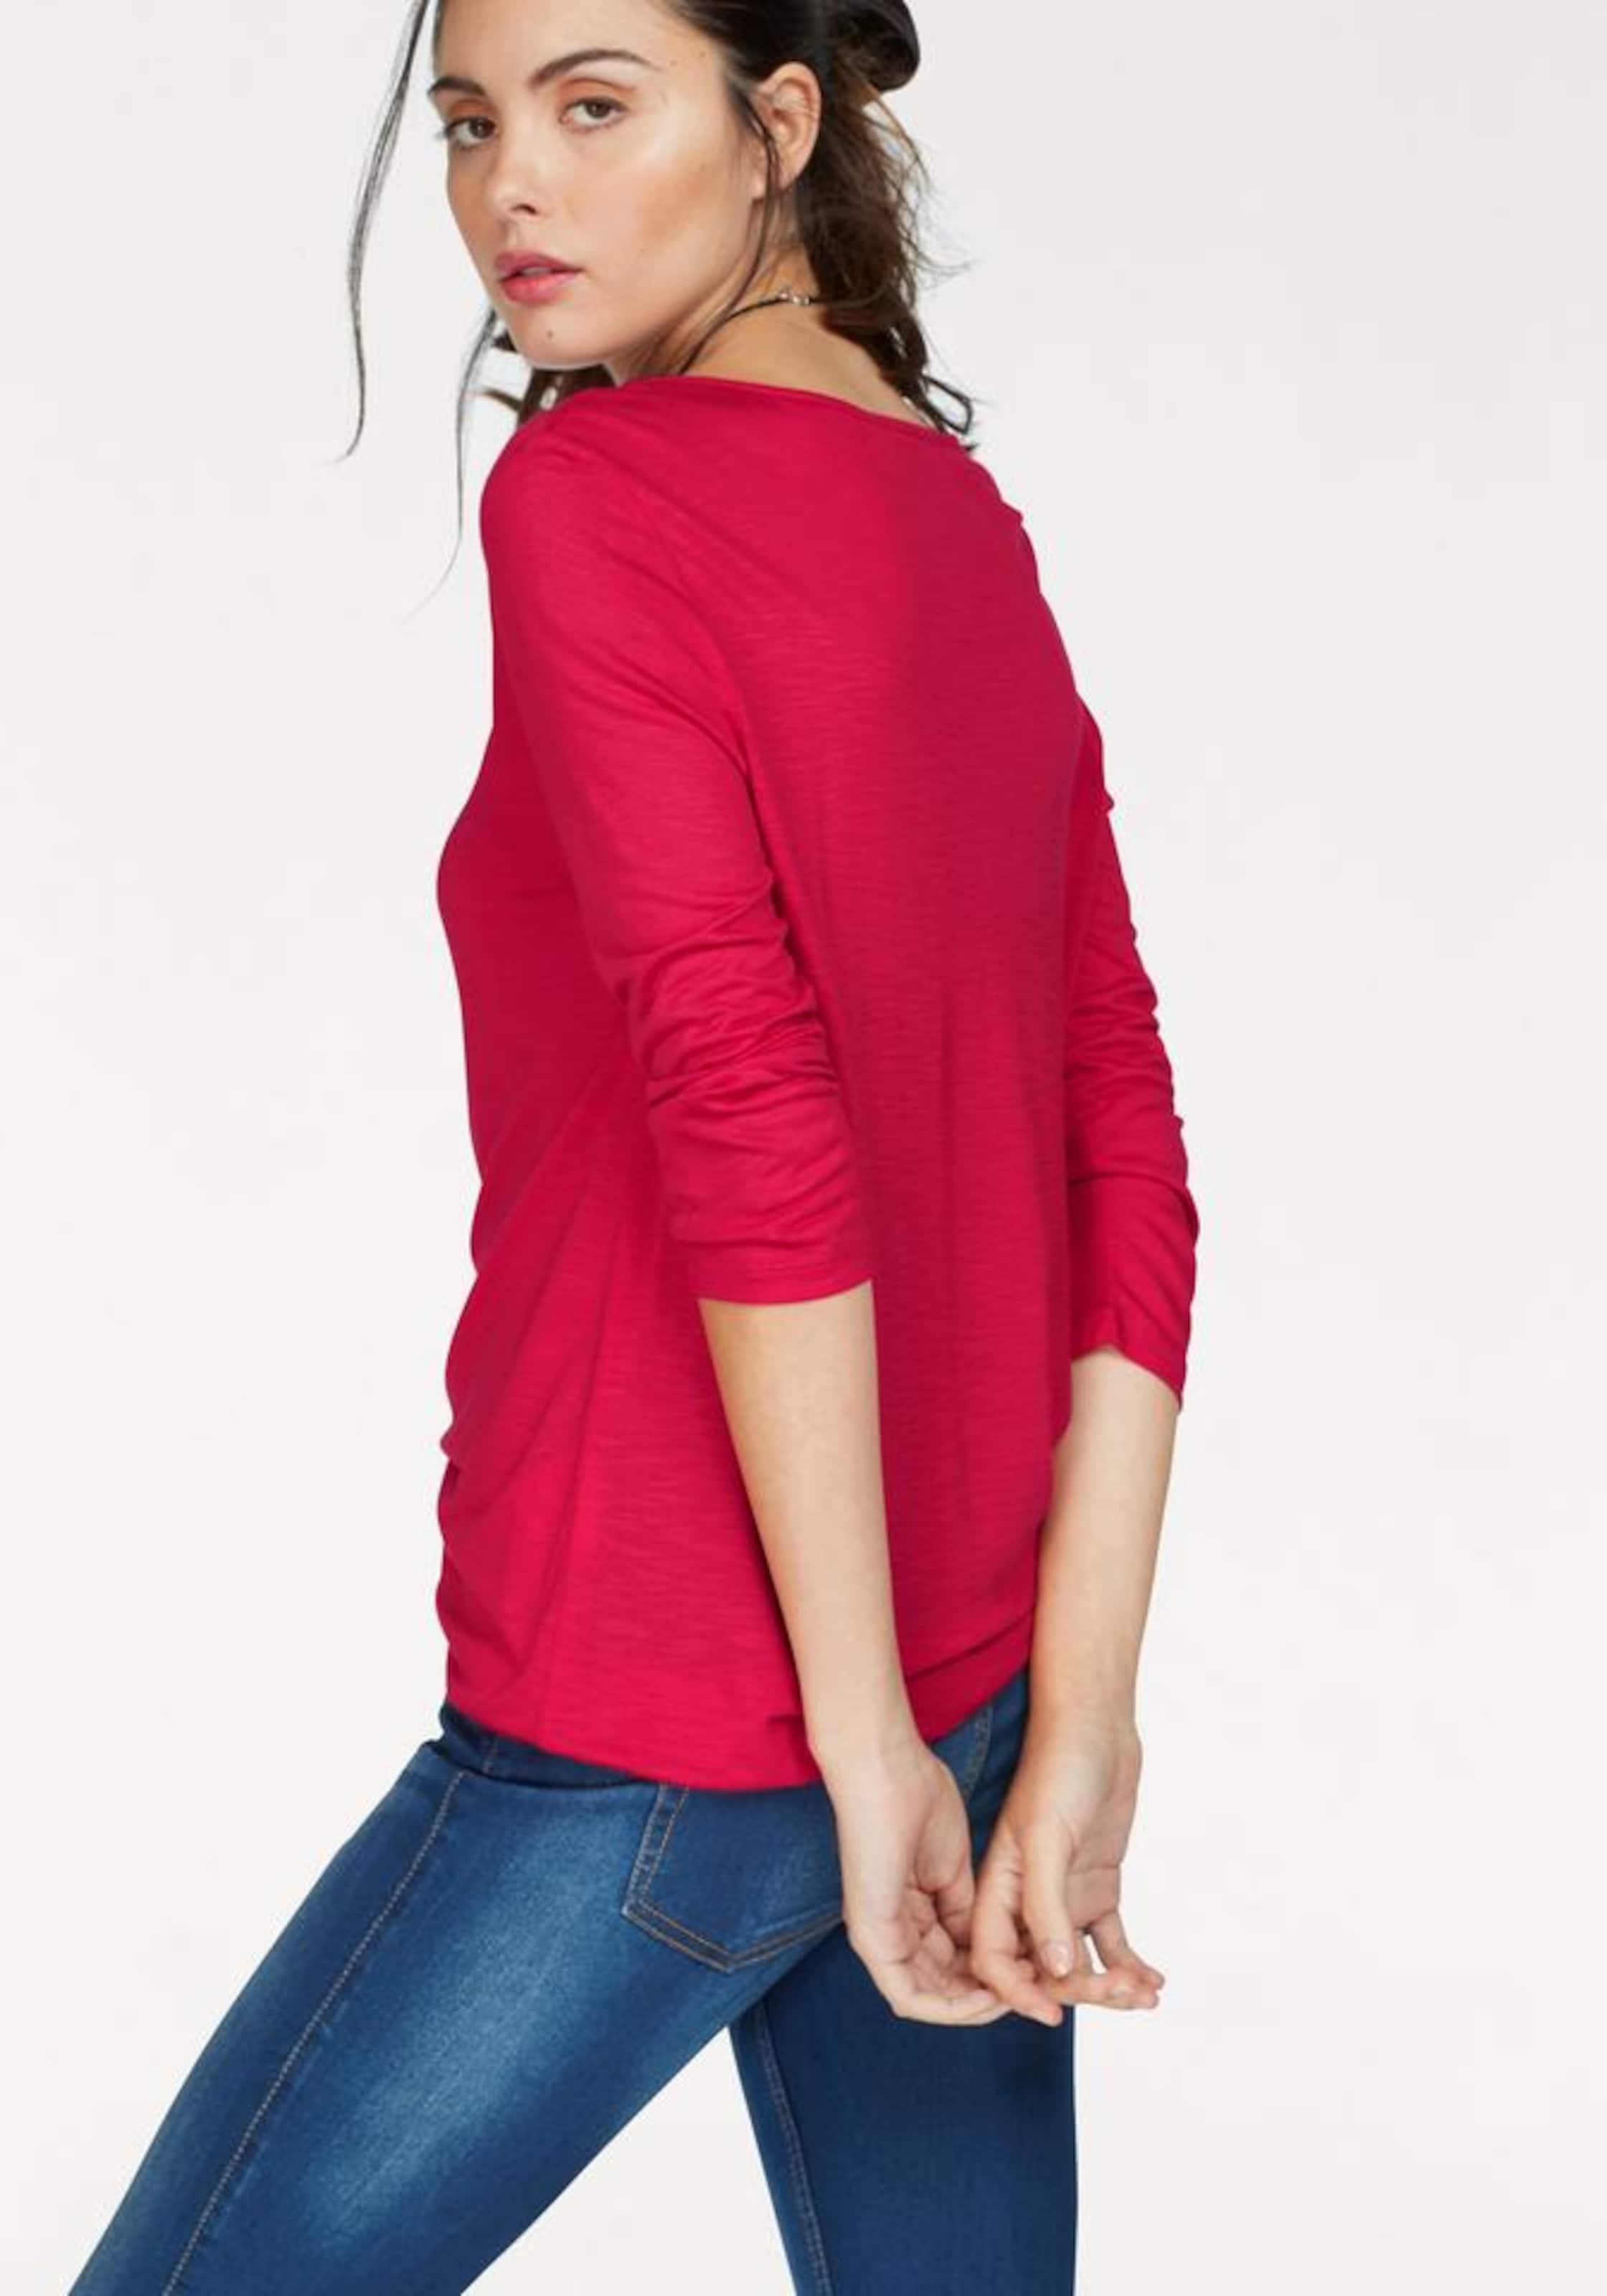 Oliver Shirt 3 4 s LABEL Arm RED s Oliver wqvEOZ